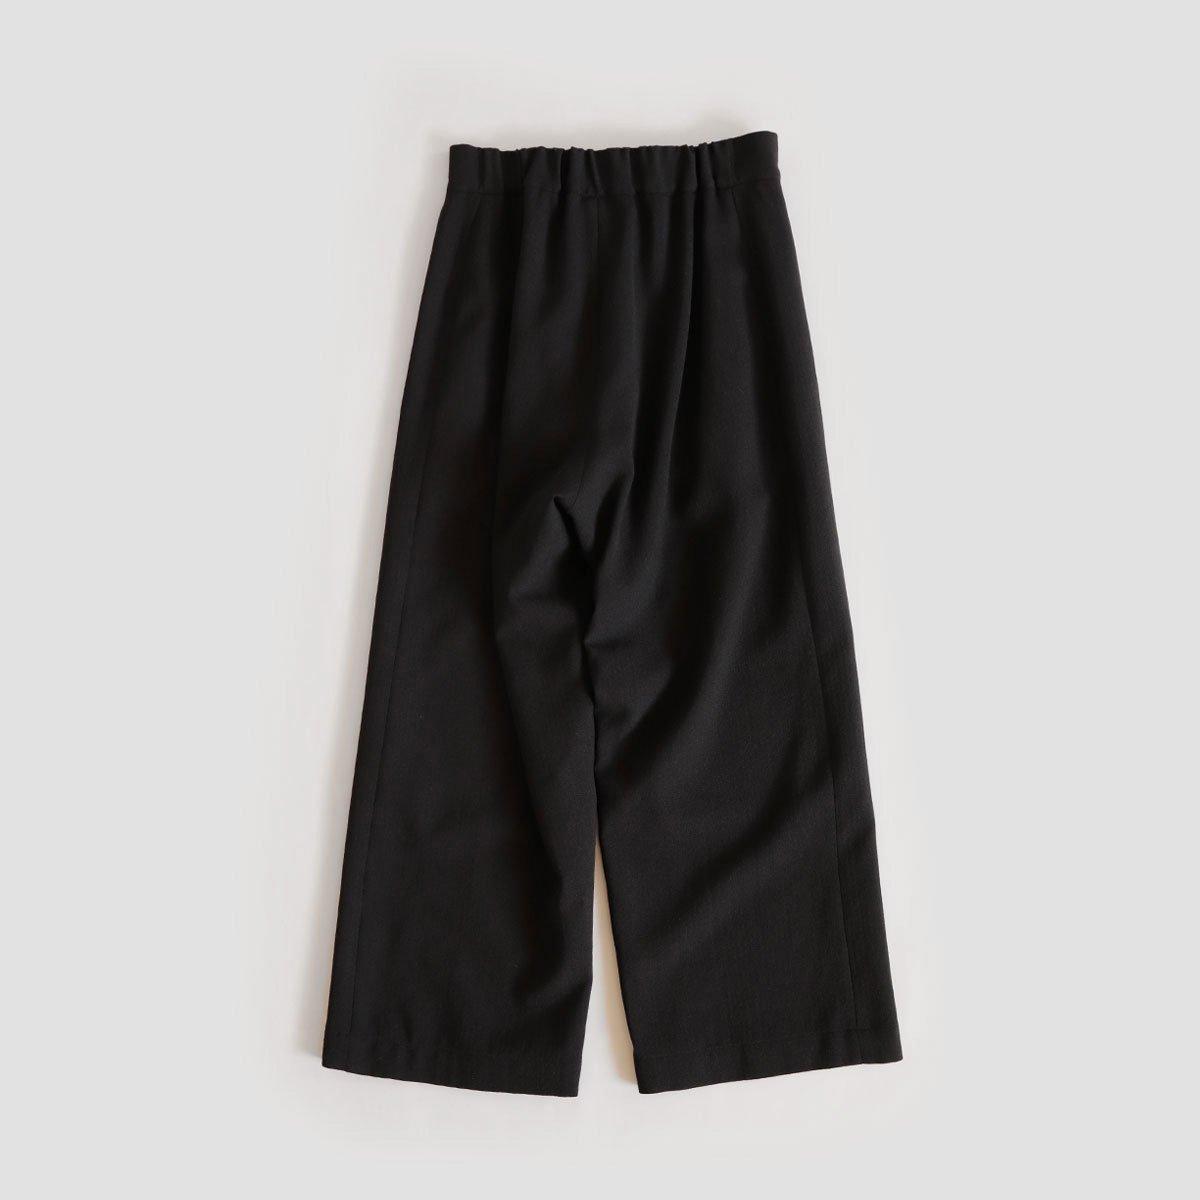 MELLOW PANTS 詳細画像3